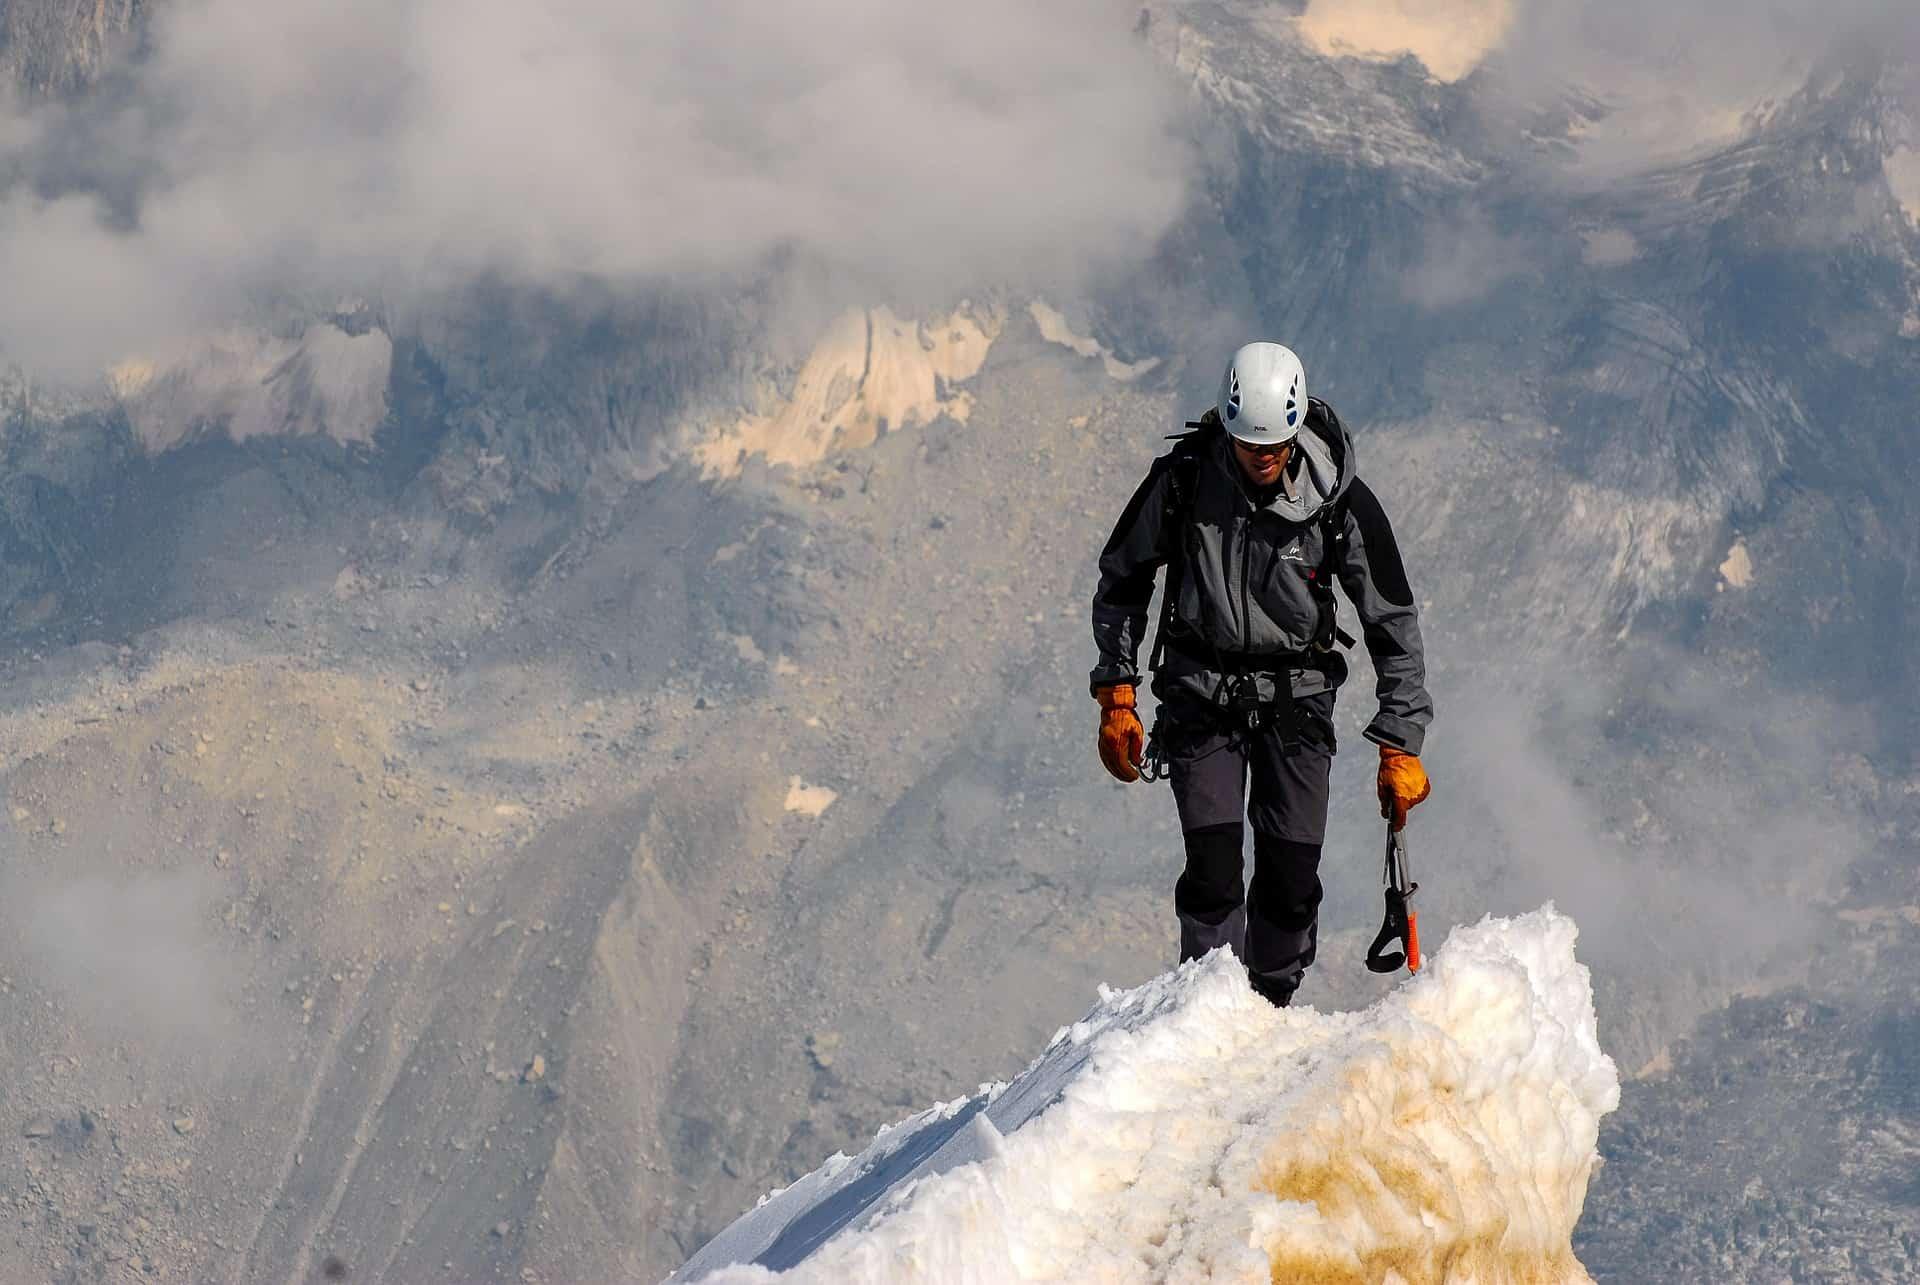 Kletterausrüstung Was Gehört Dazu : Kletterhandschuh test 2018 die besten kletterhandschuhe im vergleich